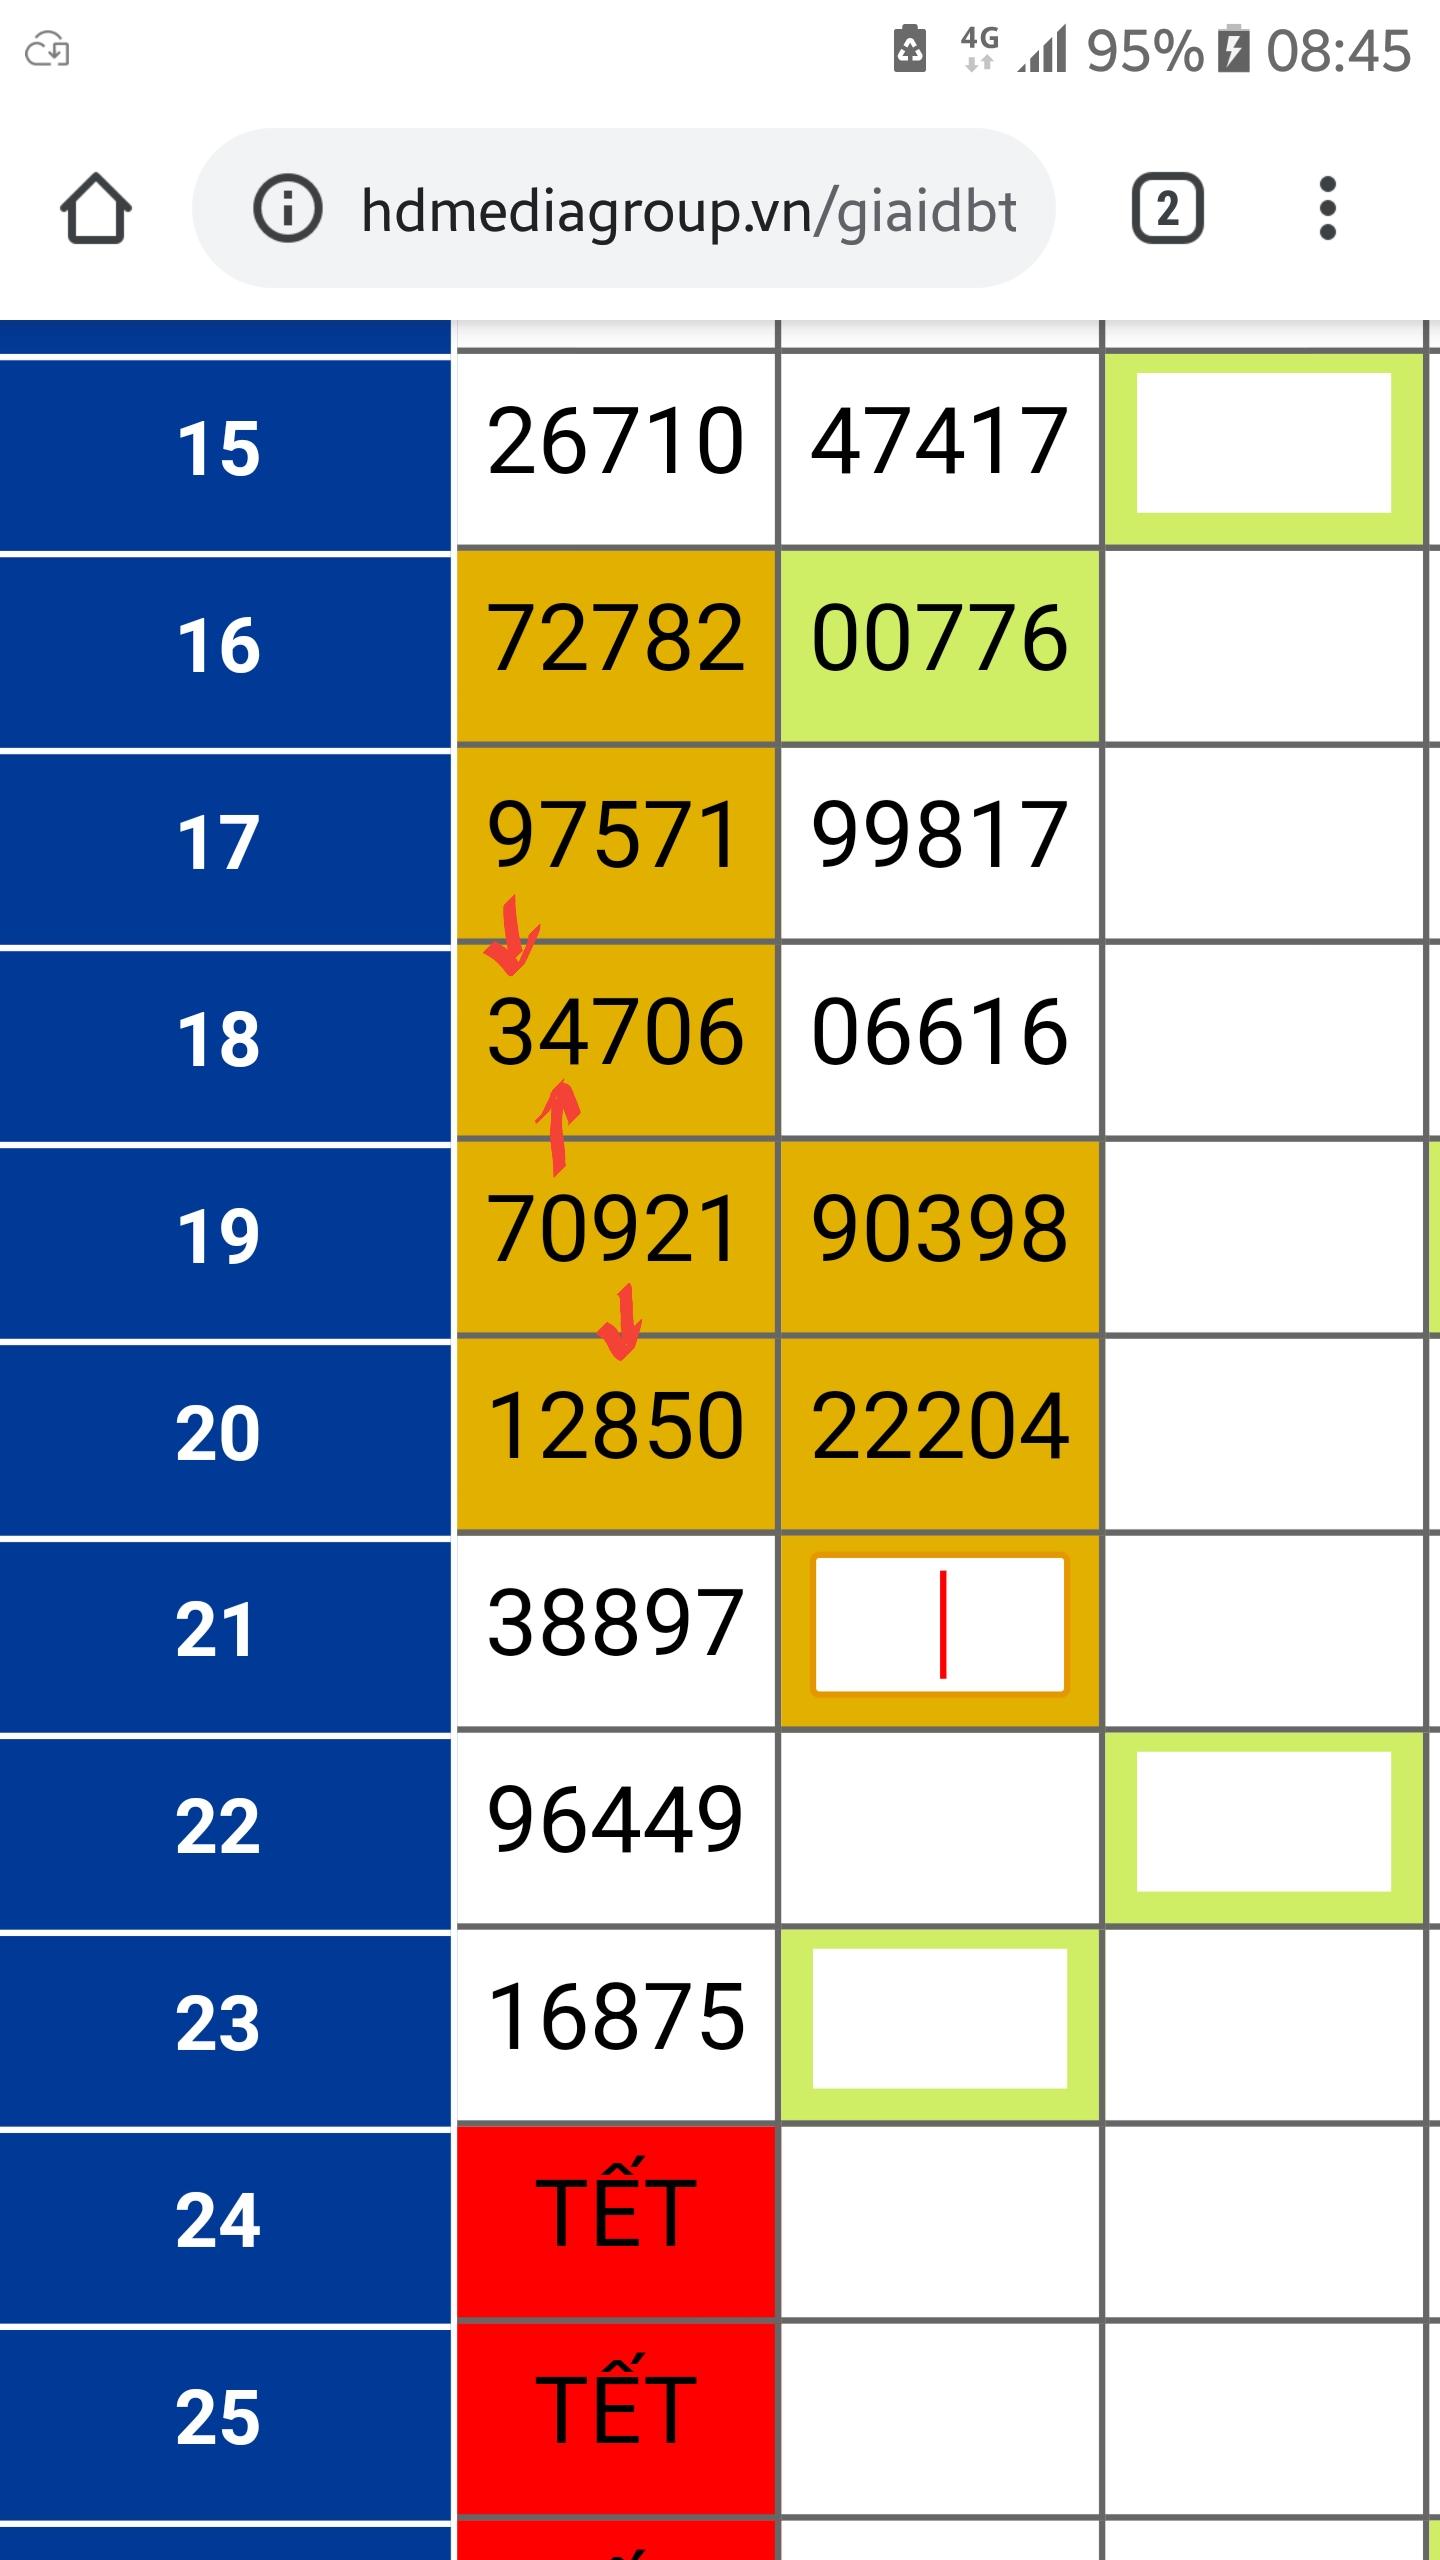 Screenshot_20200221-084540.jpg